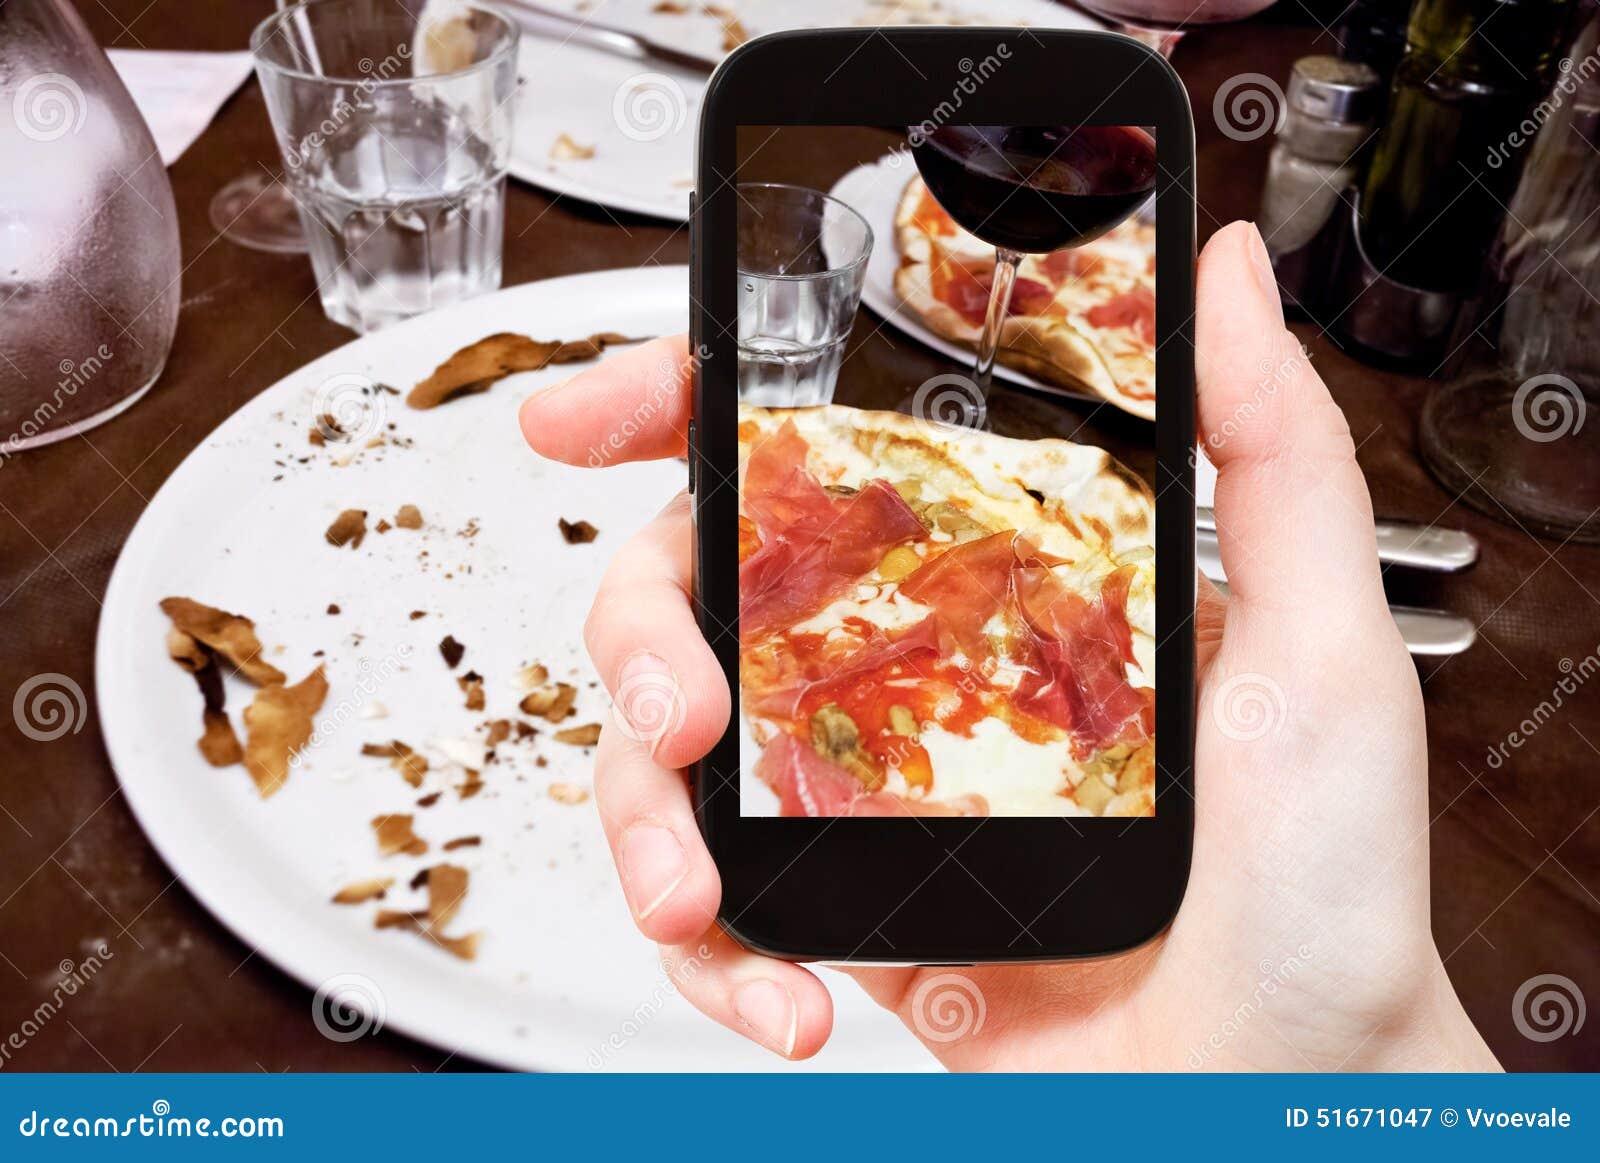 Turysta fotografuje włoską pizzę z Parma baleronem